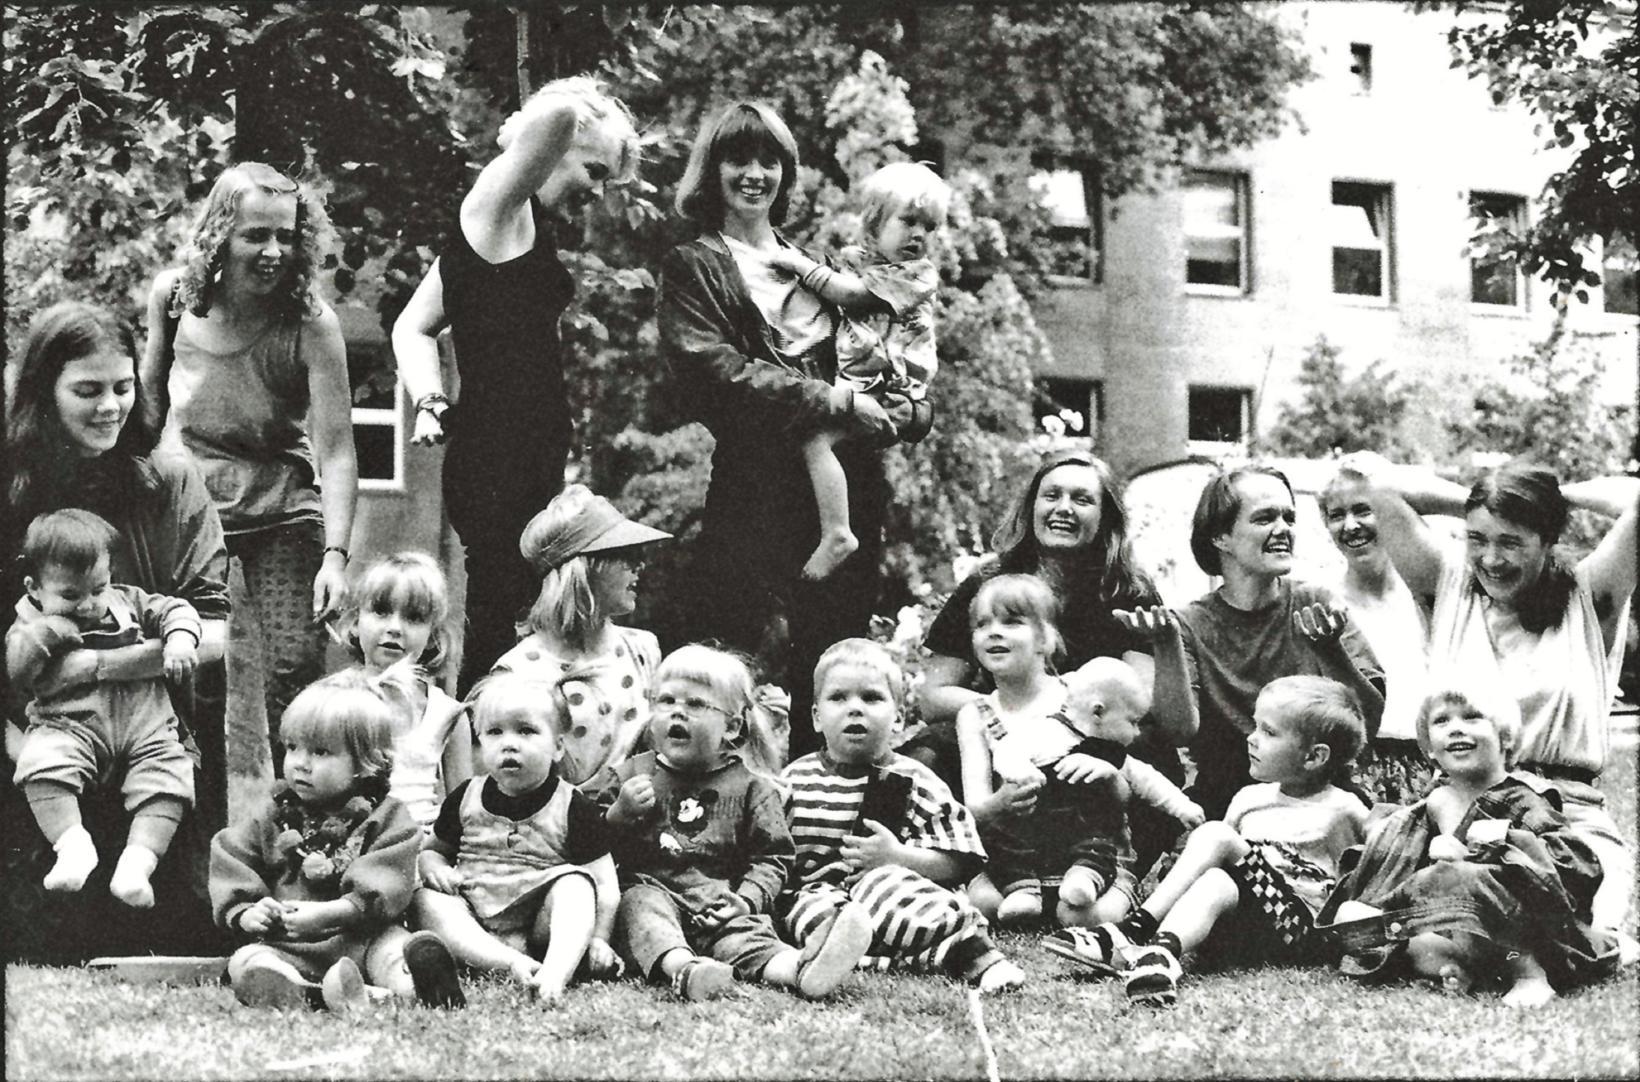 Þessa mynd tók Ósk Vilhjálmsdóttir 17. júní 1989 af stórum ...